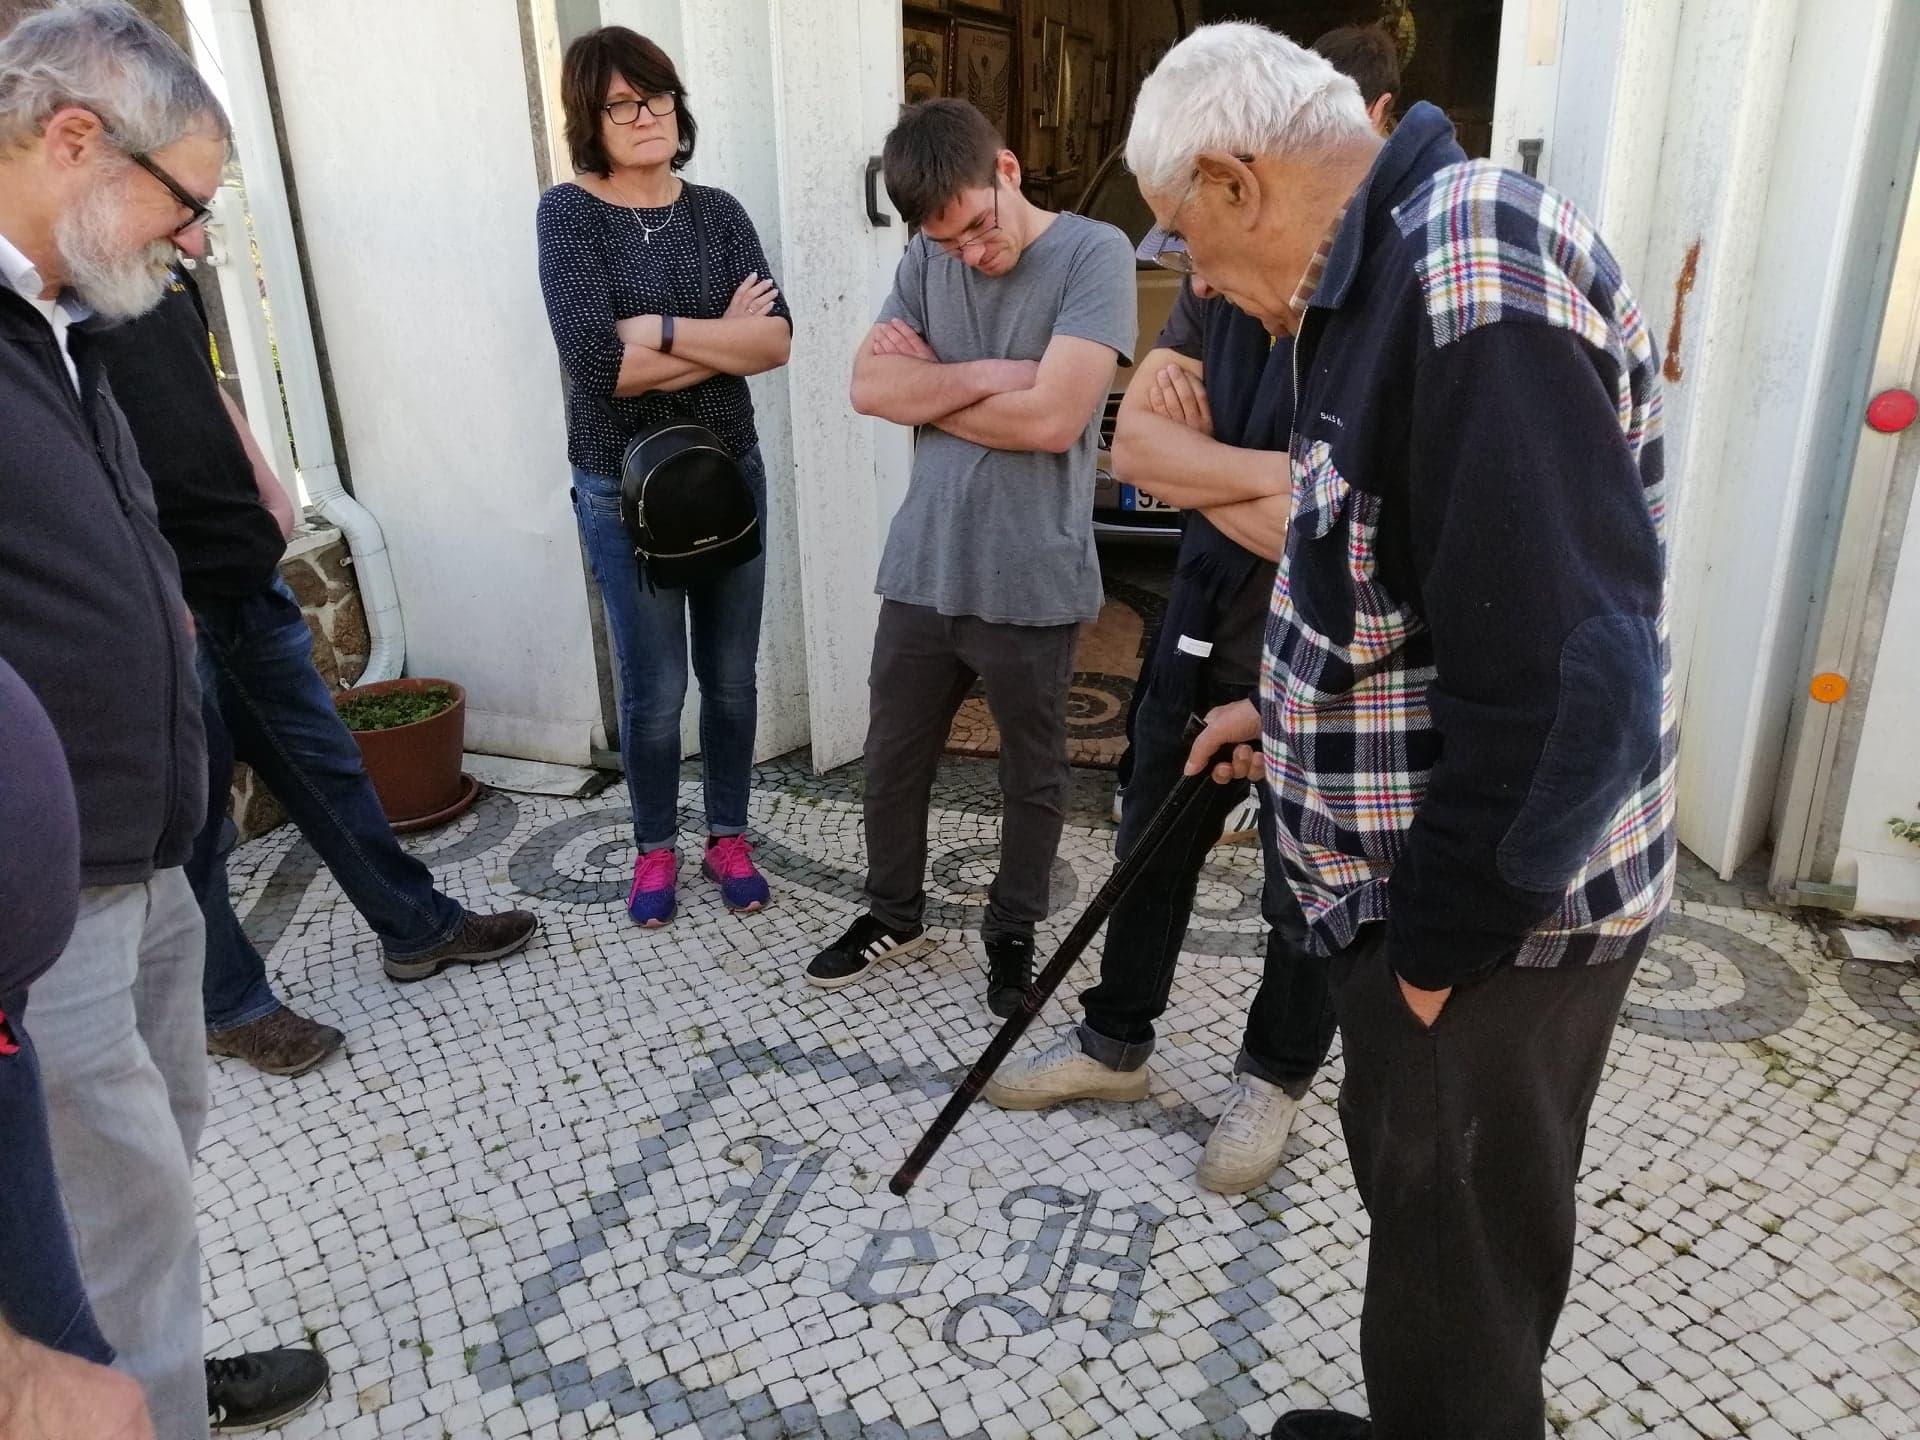 Capital do Calceteiro – A Galeria das Calçadas do Mestre José da Clara – recebeu hoje a última visita do Grupo da empresa alemã Knittel – Gartengestalter  que se impressionou com os trabalhos do Mestre!